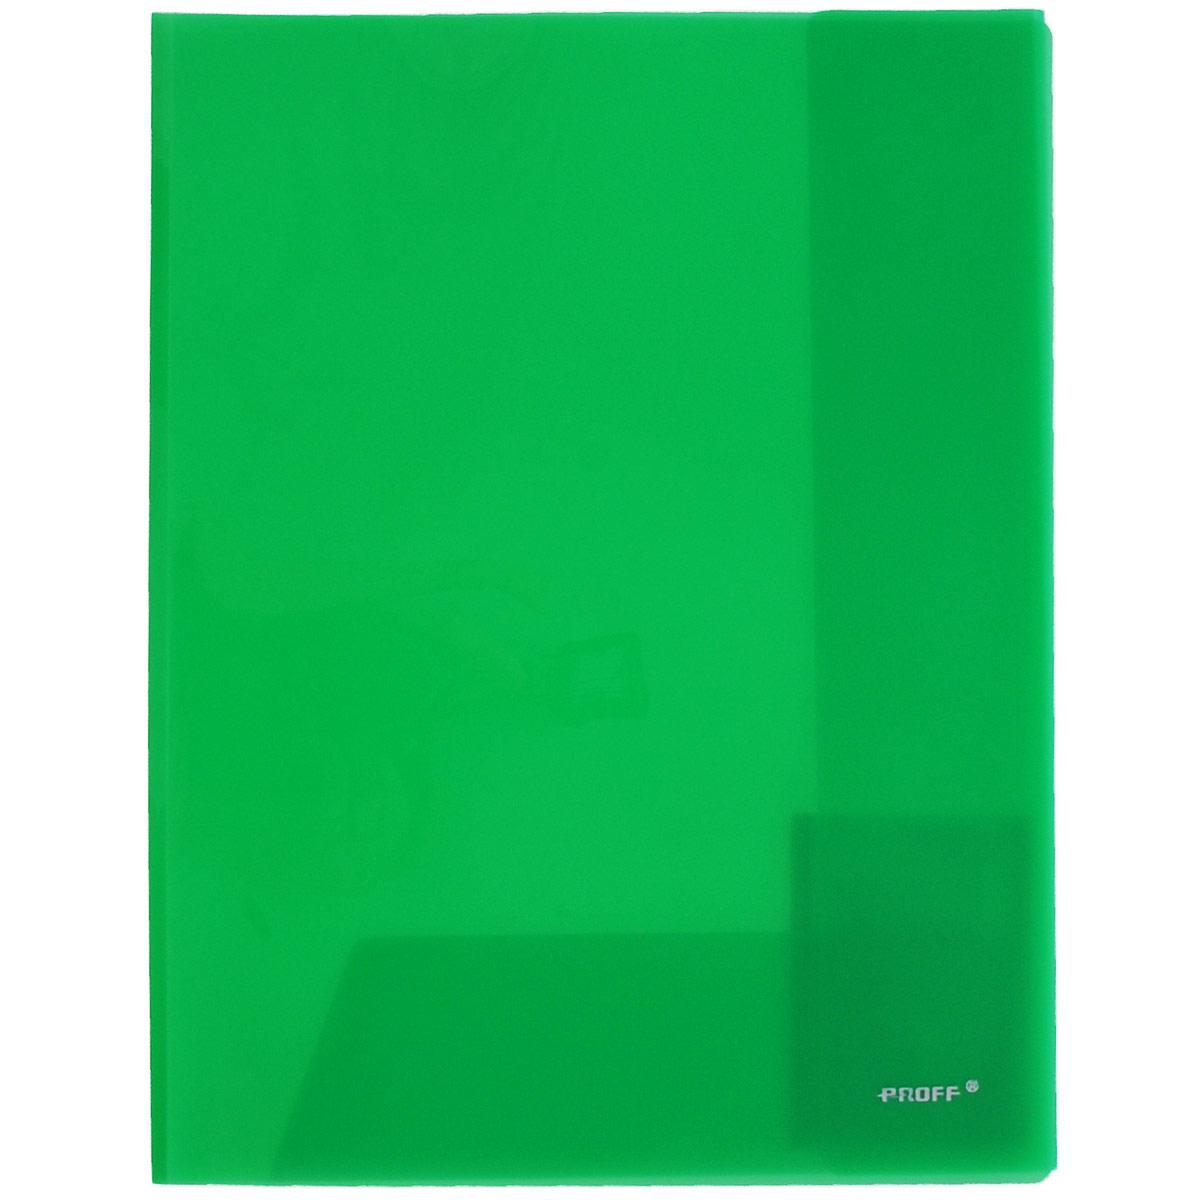 Папка-уголок Proff, цвет: зеленый, 2 клапана. Формат А4E311A/30-TF-03Папка-уголок Proff, изготовленная из высококачественного полипропилена, этоудобный и практичный офисный инструмент, предназначенный для хранения итранспортировки рабочих бумаг и документов формата А4. Полупрозрачнаяпапка оснащена двумя клапана внутри для надежного удержания бумаг.Папка-уголок - это незаменимый атрибут для студента, школьника, офисногоработника. Такая папка надежно сохранит ваши документы и сбережет их отповреждений, пыли и влаги.